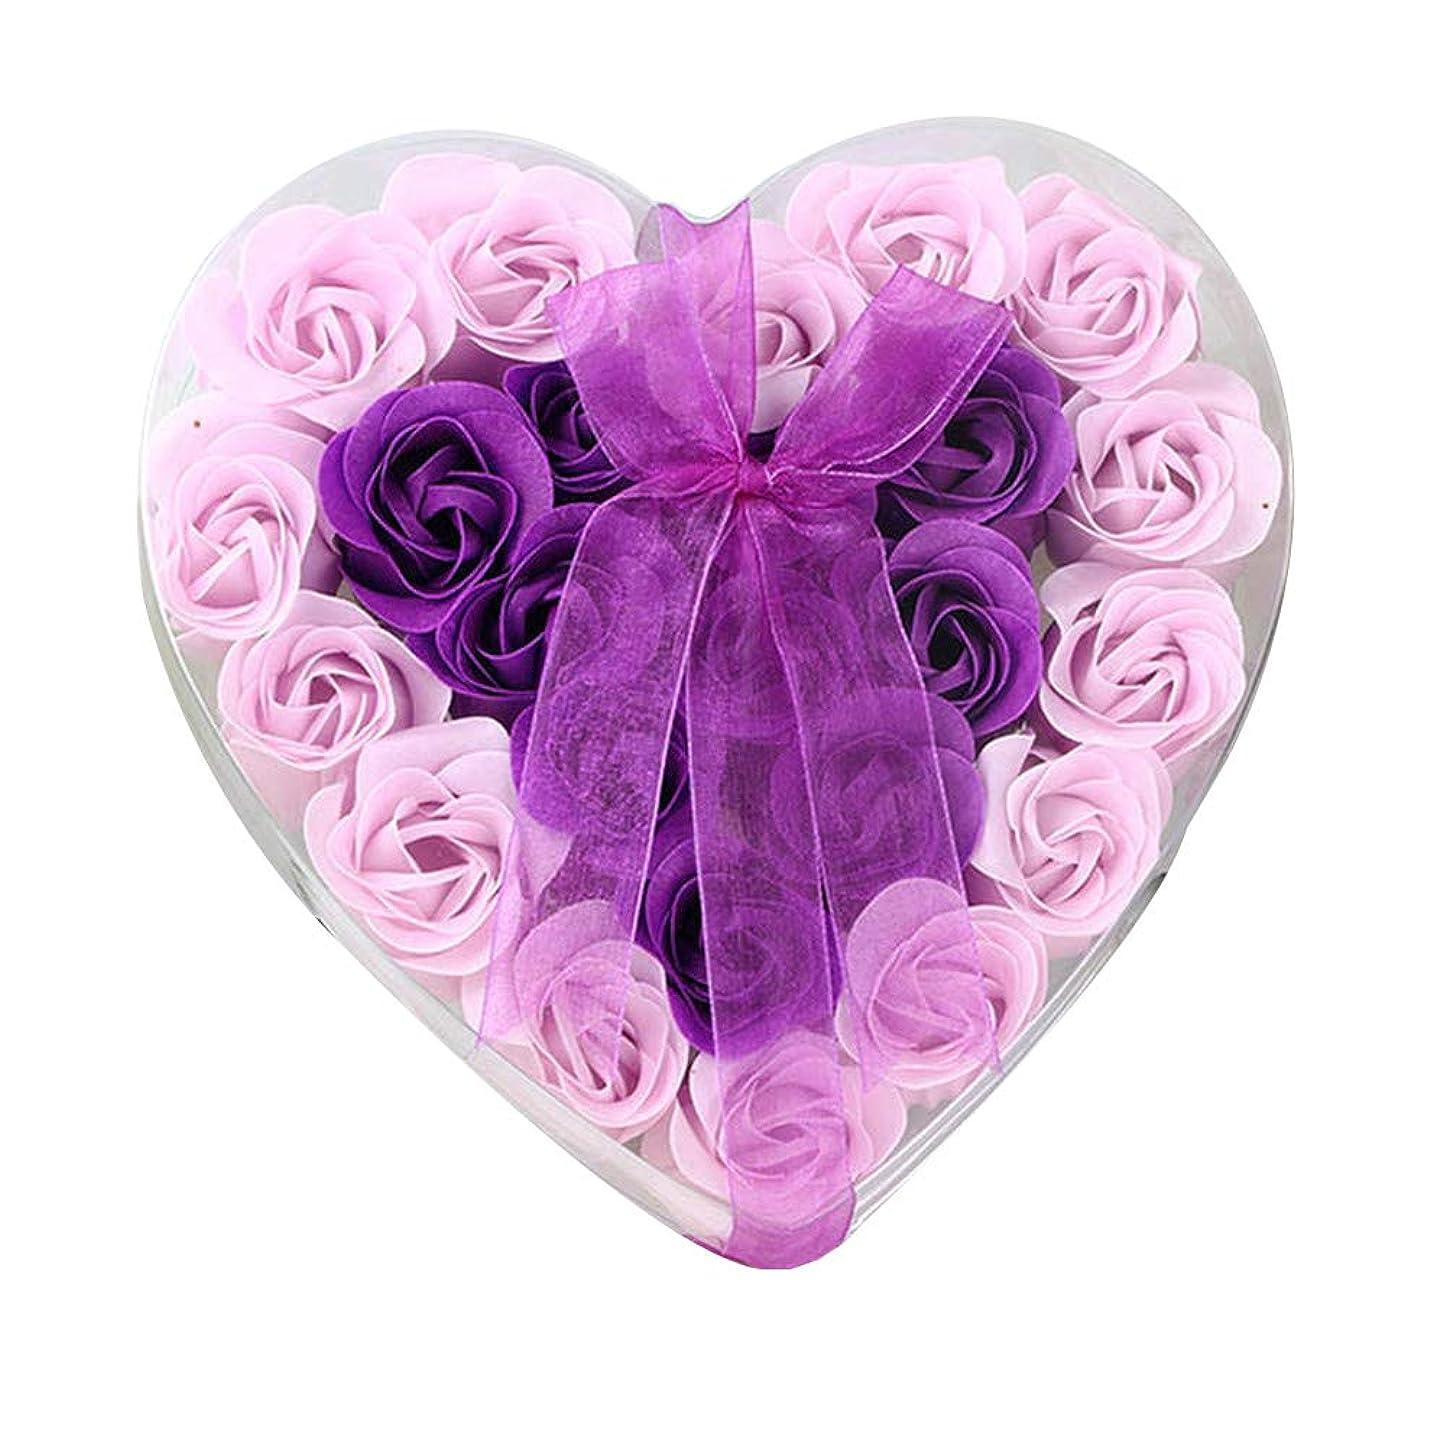 悪化する合意配分24個の手作りのローズ香りのバスソープの花びら香りのバスソープは、ギフトボックスの花びらをバラ (色 : 紫の)